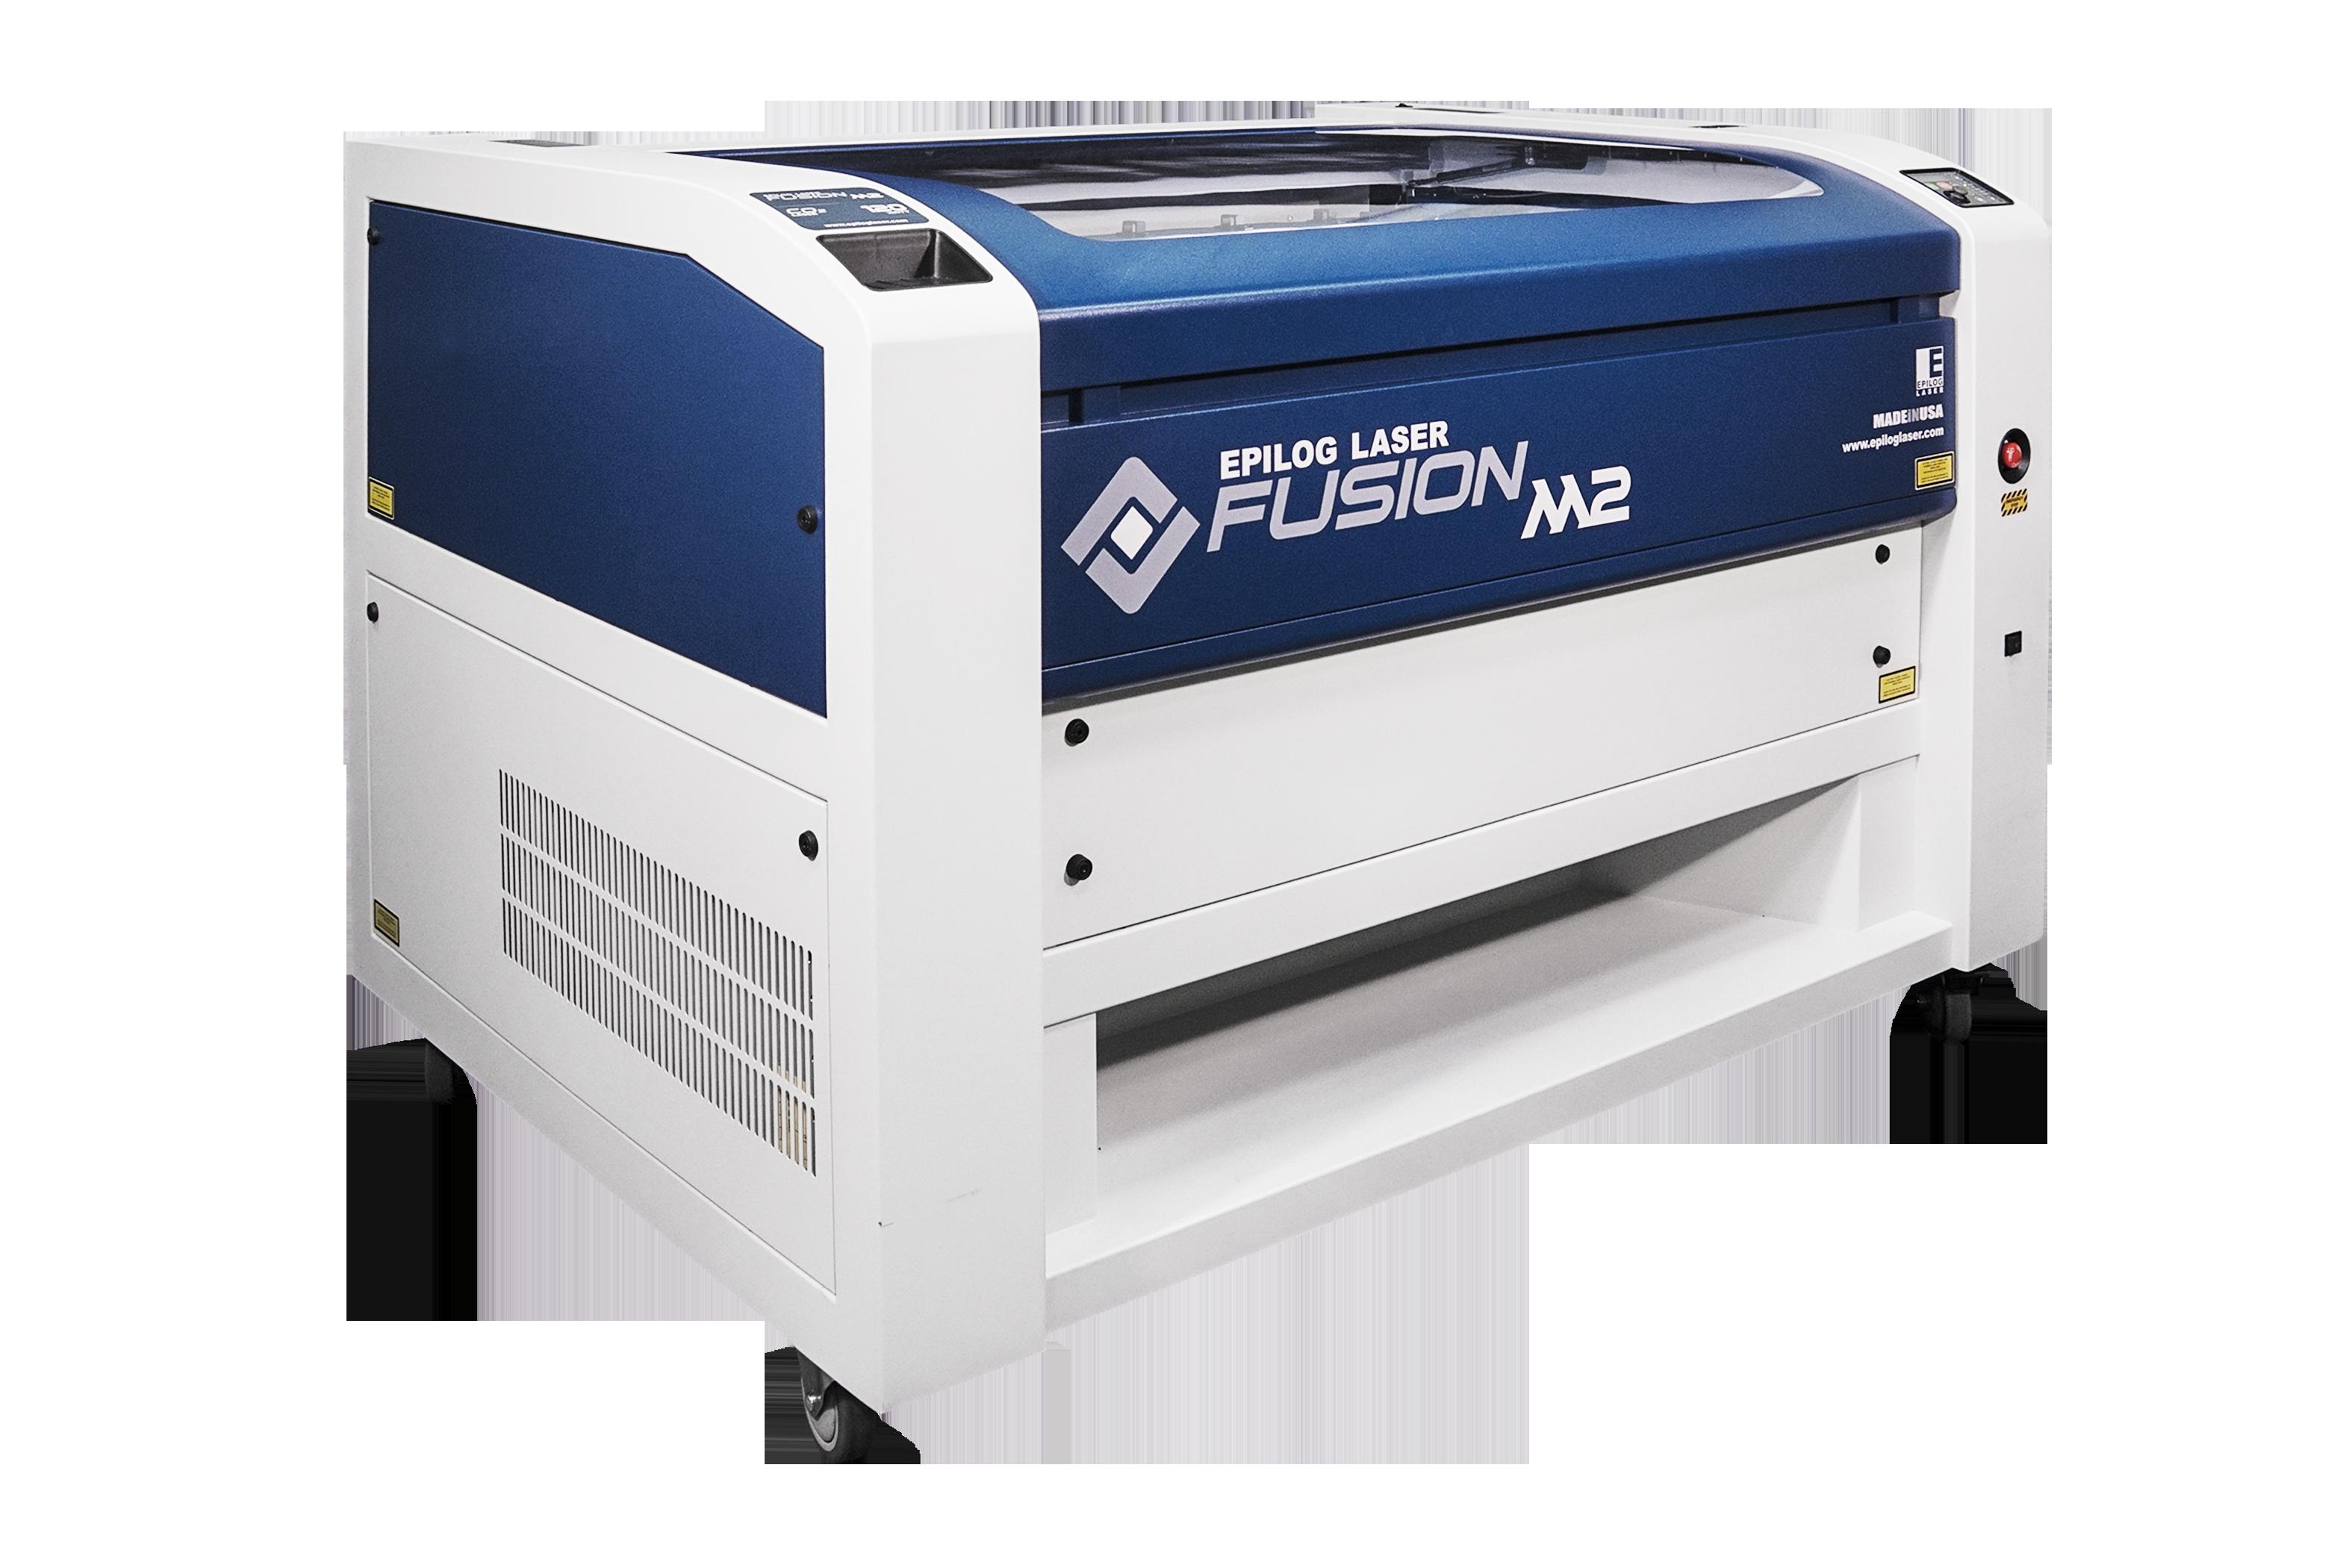 Epilog Fiber Laser - Fusion M2